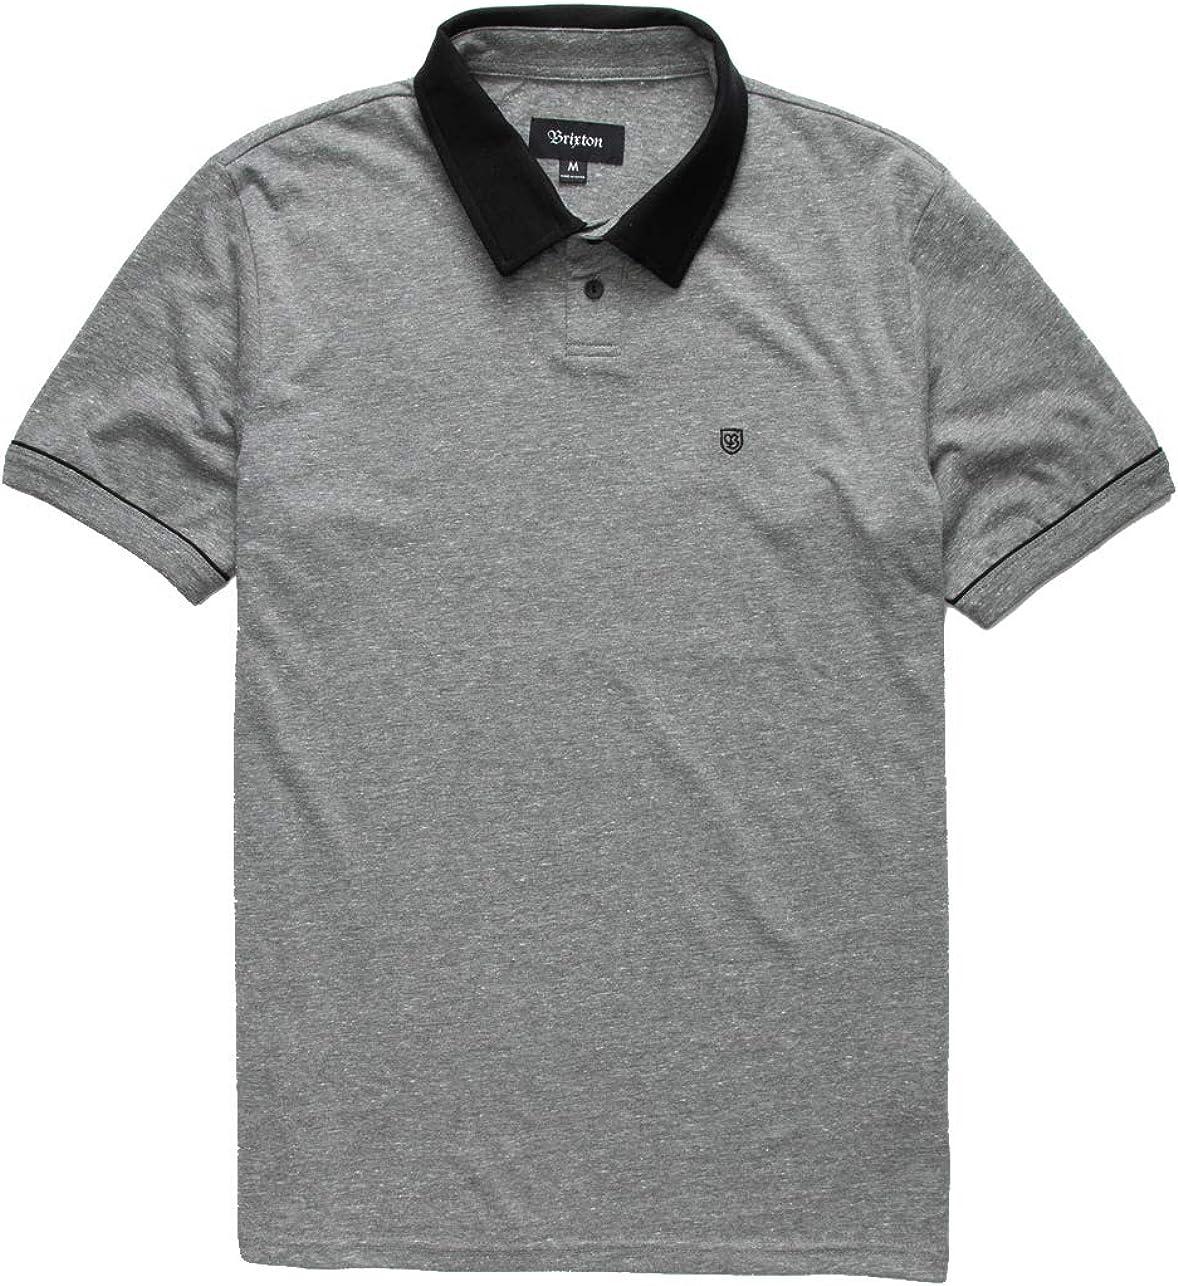 Brixton - Mens Carlos Polo Shirt, Size: Medium, Color: Heather Grey/Black